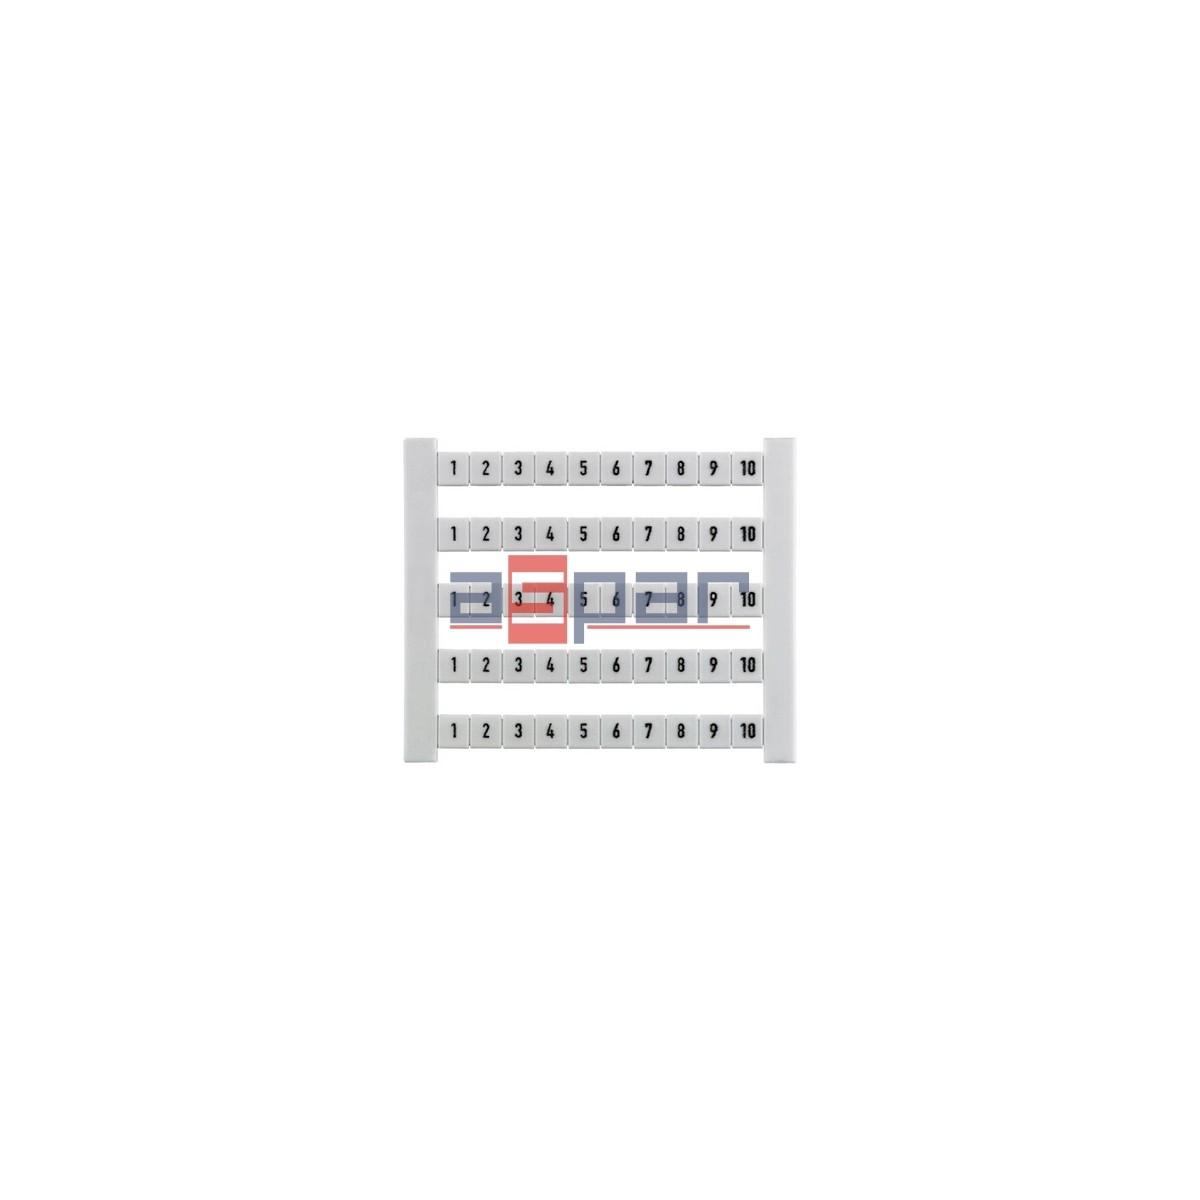 Oznacznik poziomy DEK 5 FWZ 1-10, 0523060001